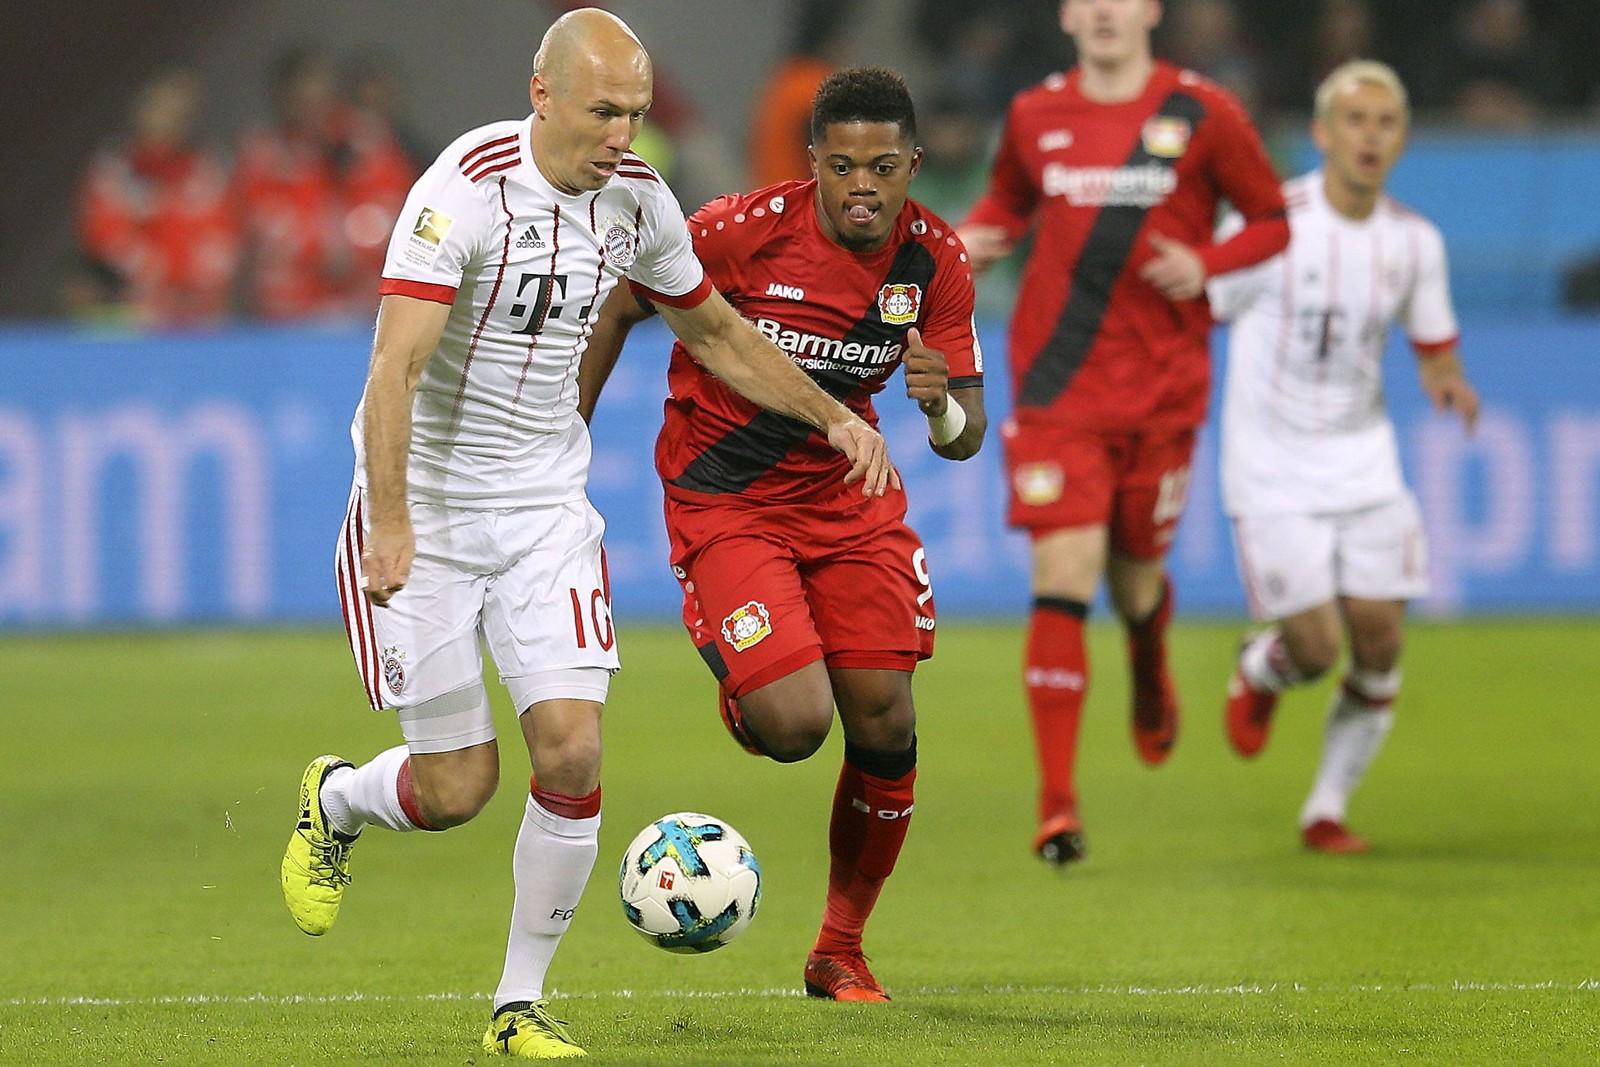 Läuft Arjen Robben den Leverkusenern wieder davon? Jetzt auf Bayern gegen Leverkusen wetten!